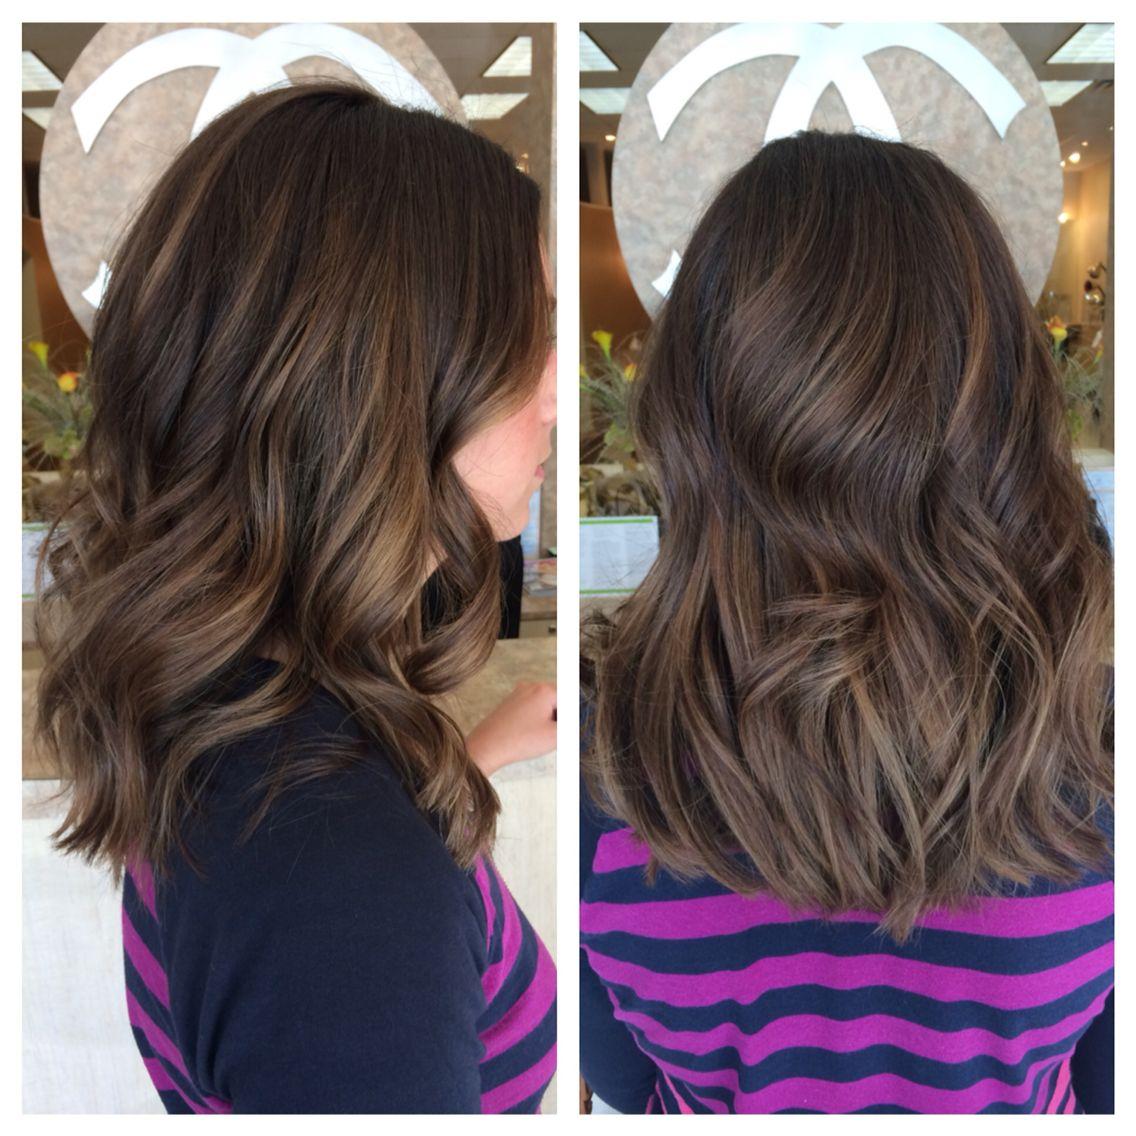 Ig Hairbynickyz Medium Length Hair Balayage Highlights With Dark